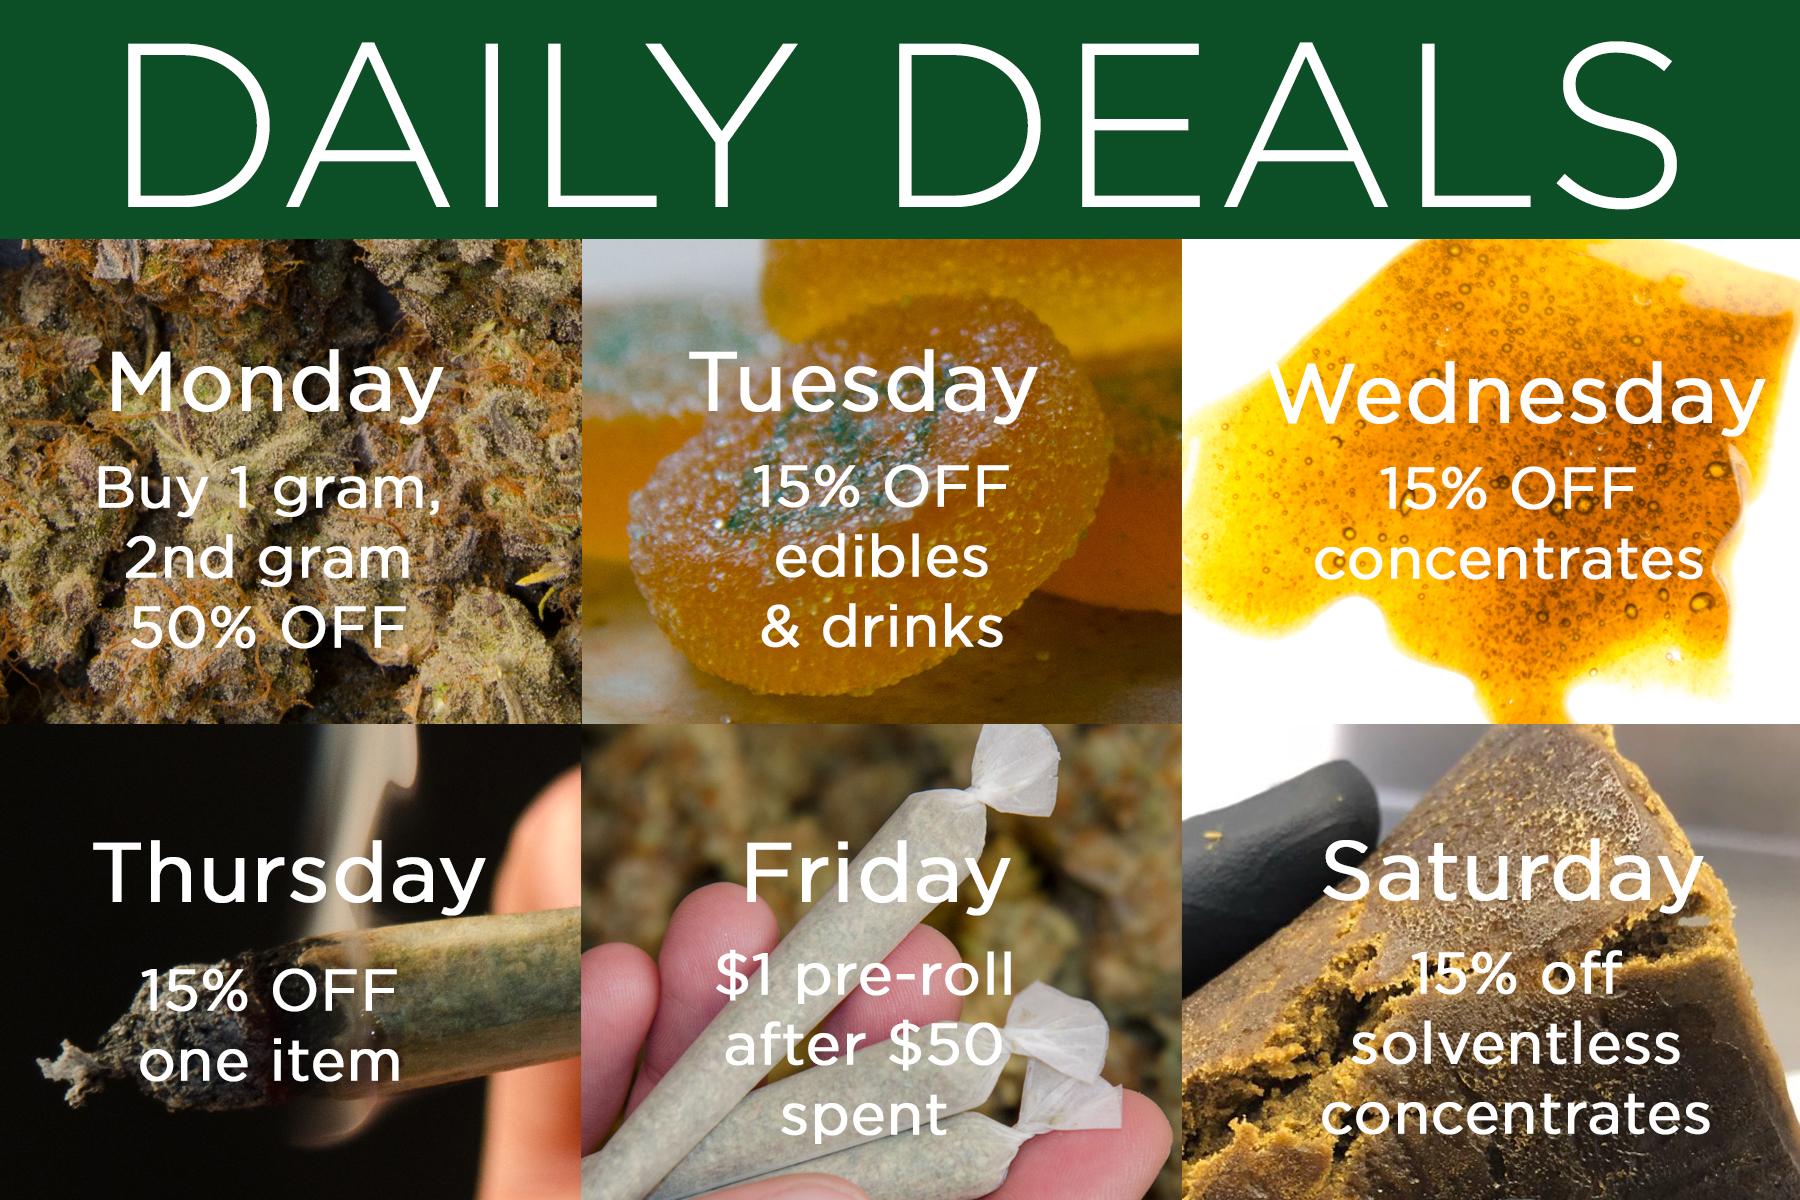 durango, dispensary, durango dispensary, marijuana, durango marijuana, hash, colorado hash, dispensary deals